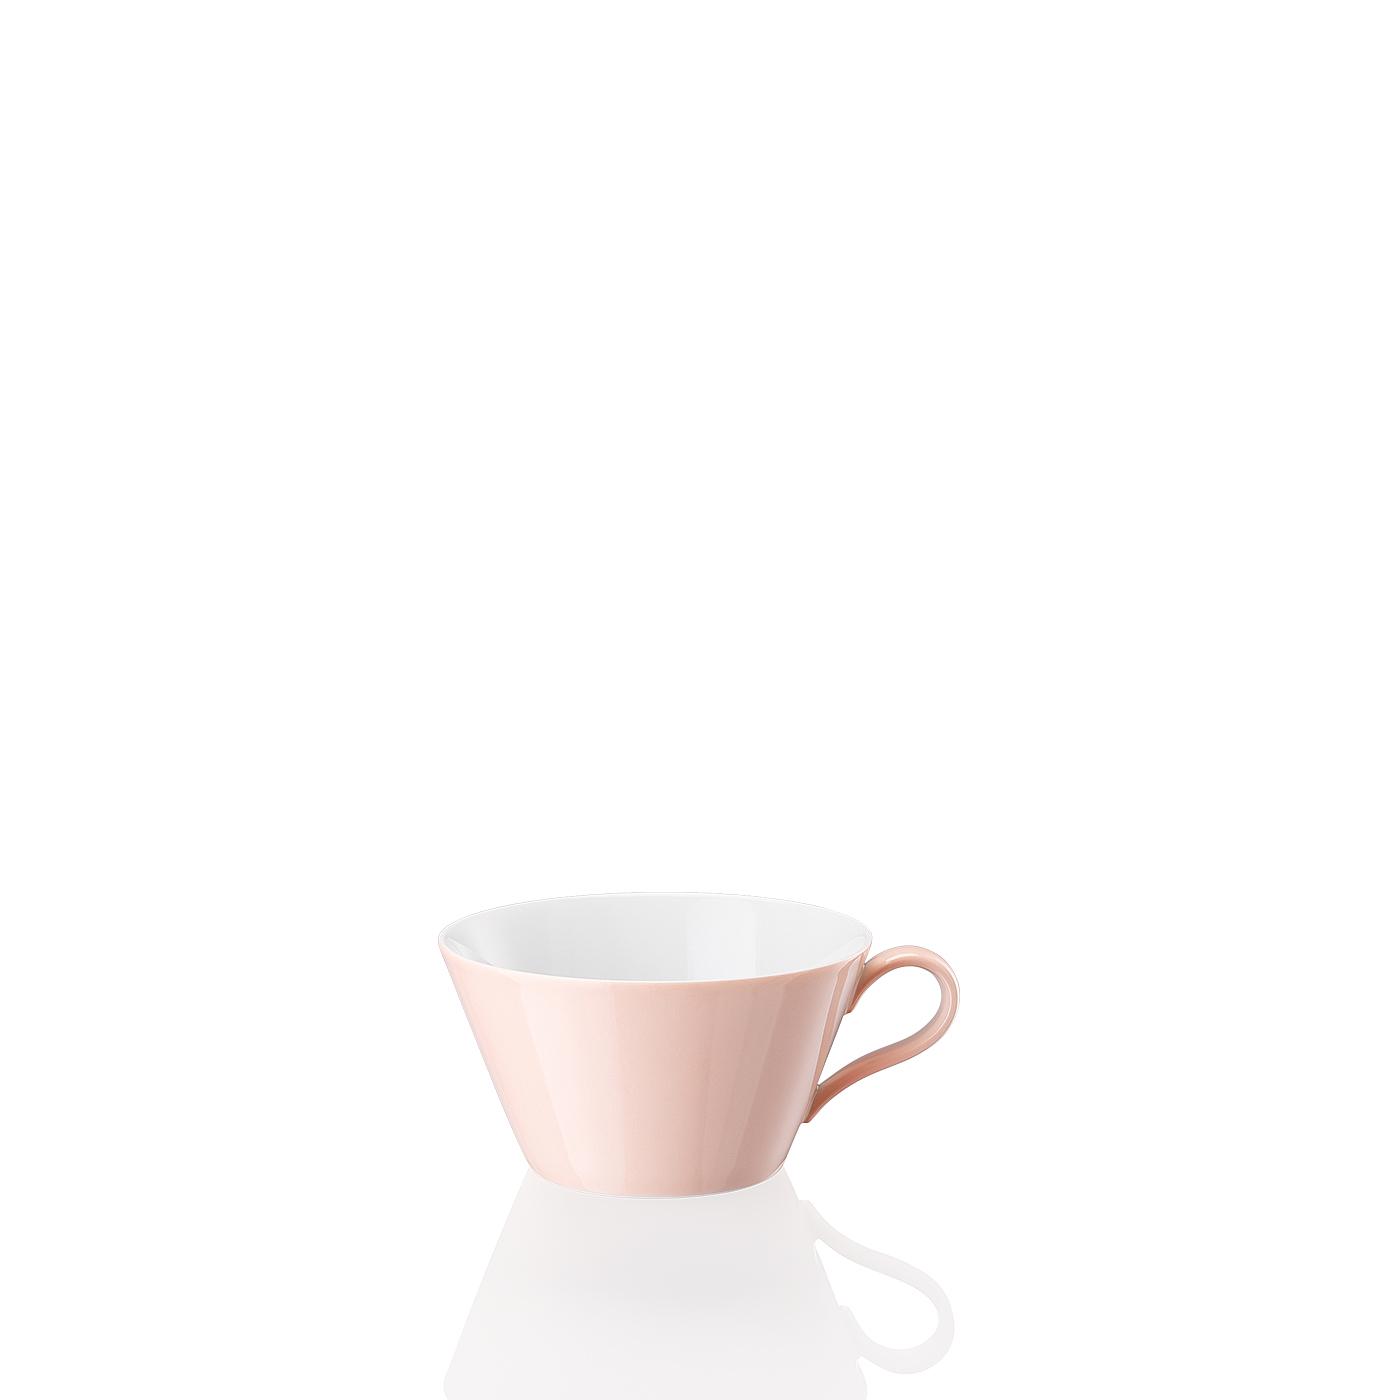 Café au Lait Obertasse Tric Soft Rose Arzberg